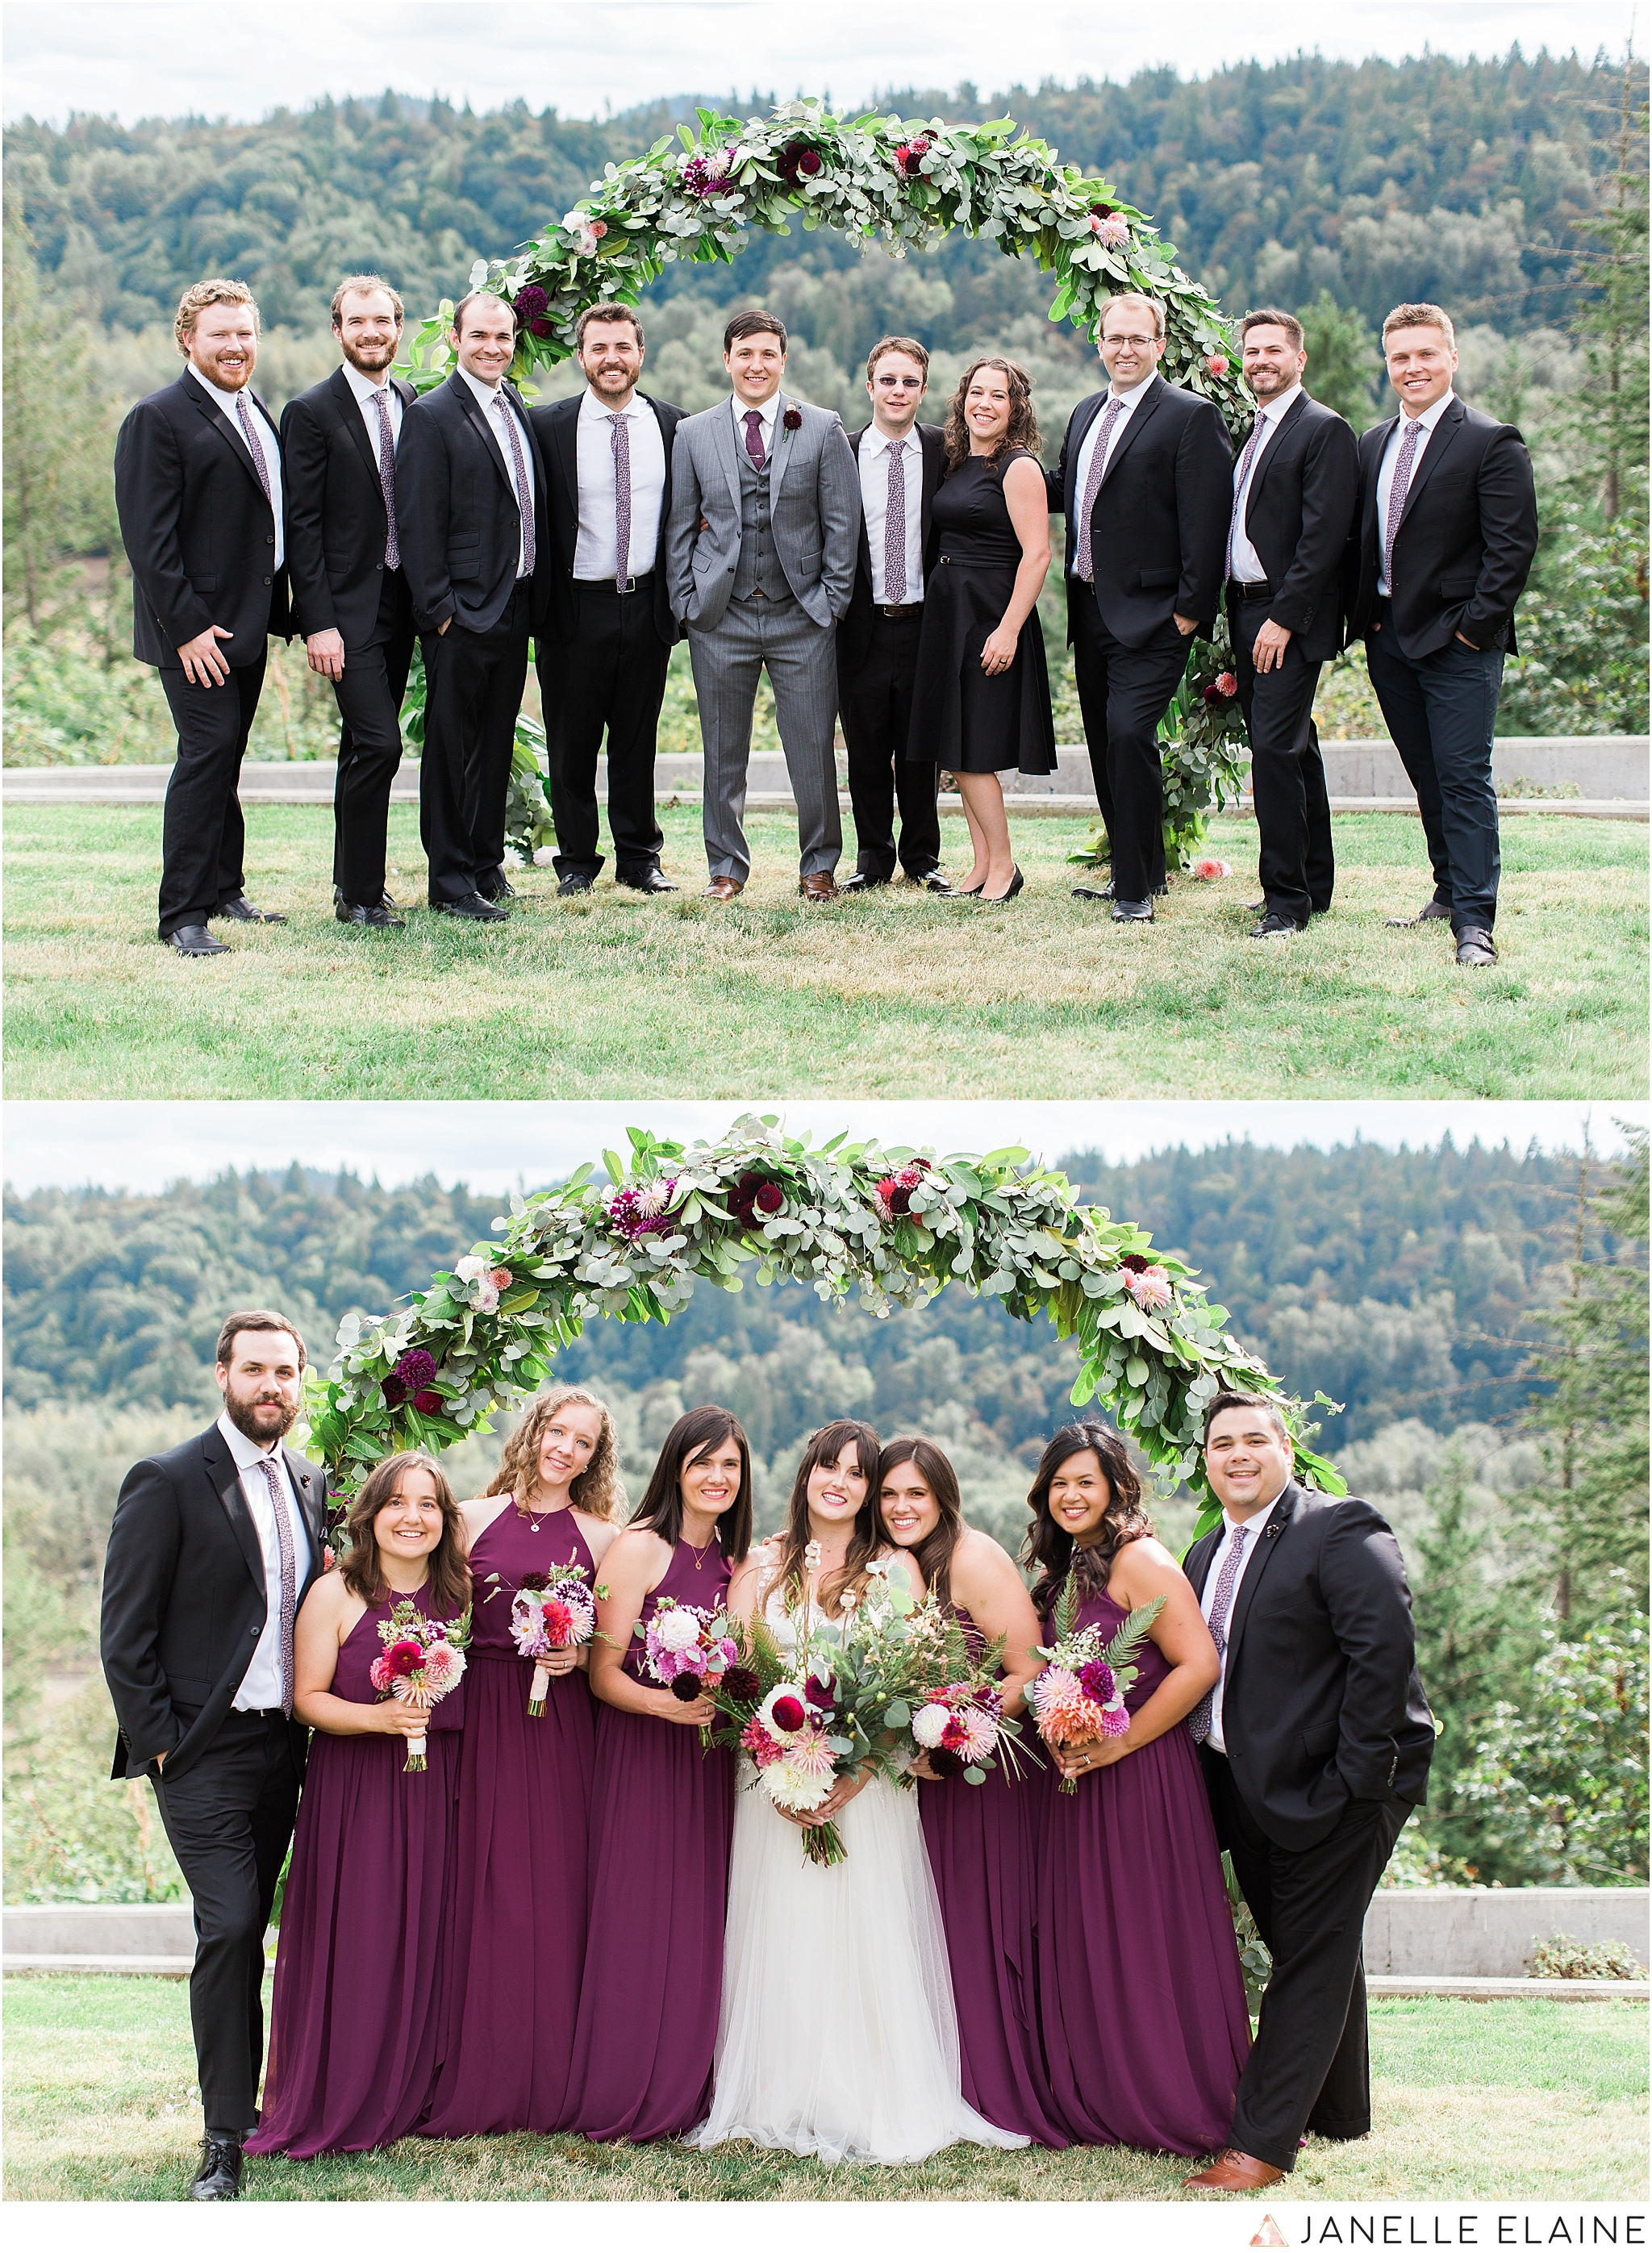 seattle-portrait-engagement-wedding-photographer-janelle-elaine-photography-39.jpg